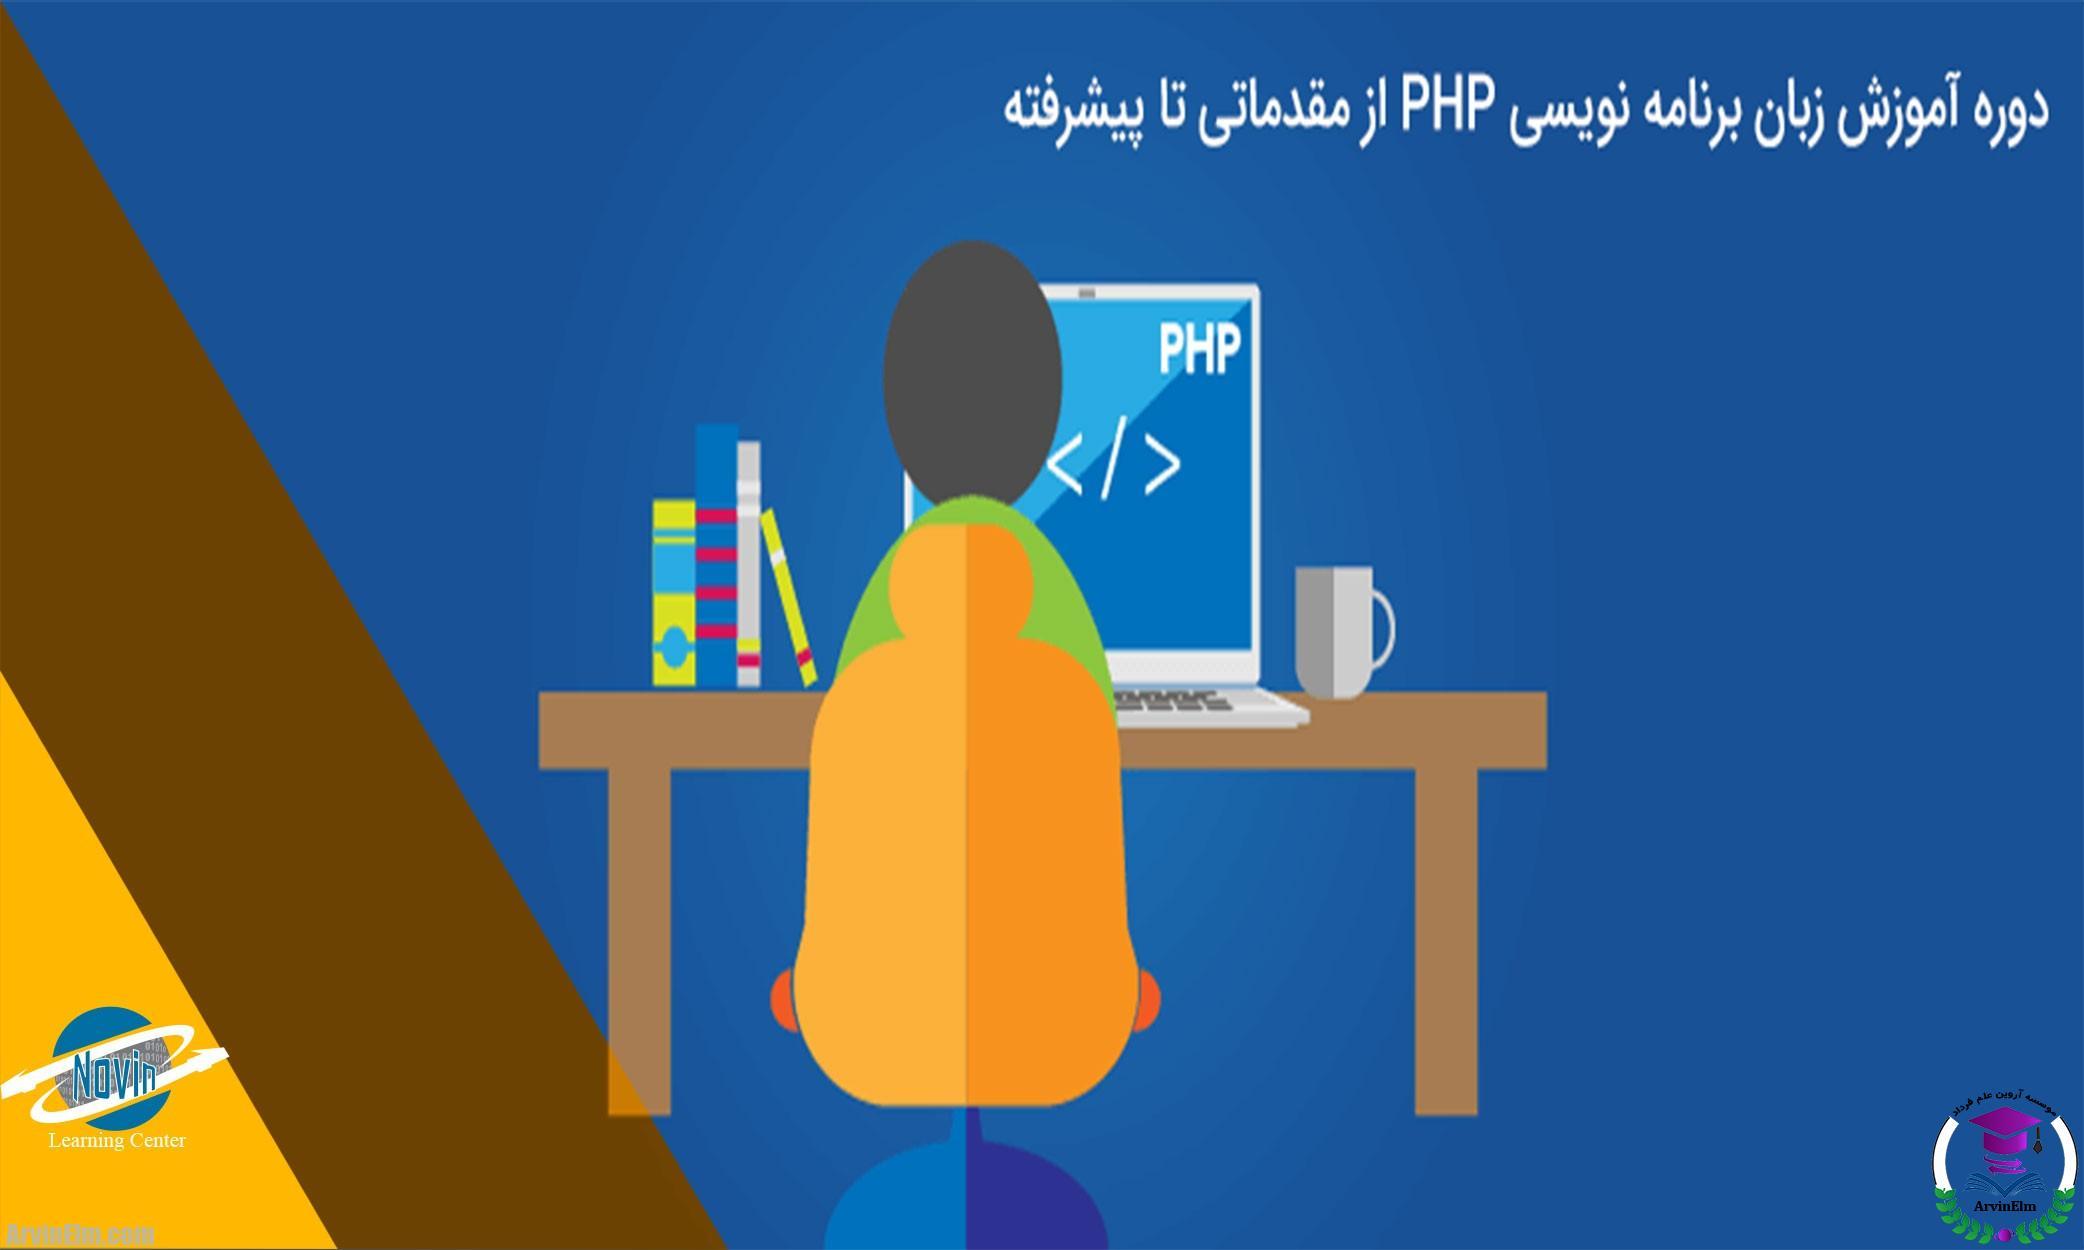 دوره-آموزش-PHP-از-مبتدی-تا-پیشرفته